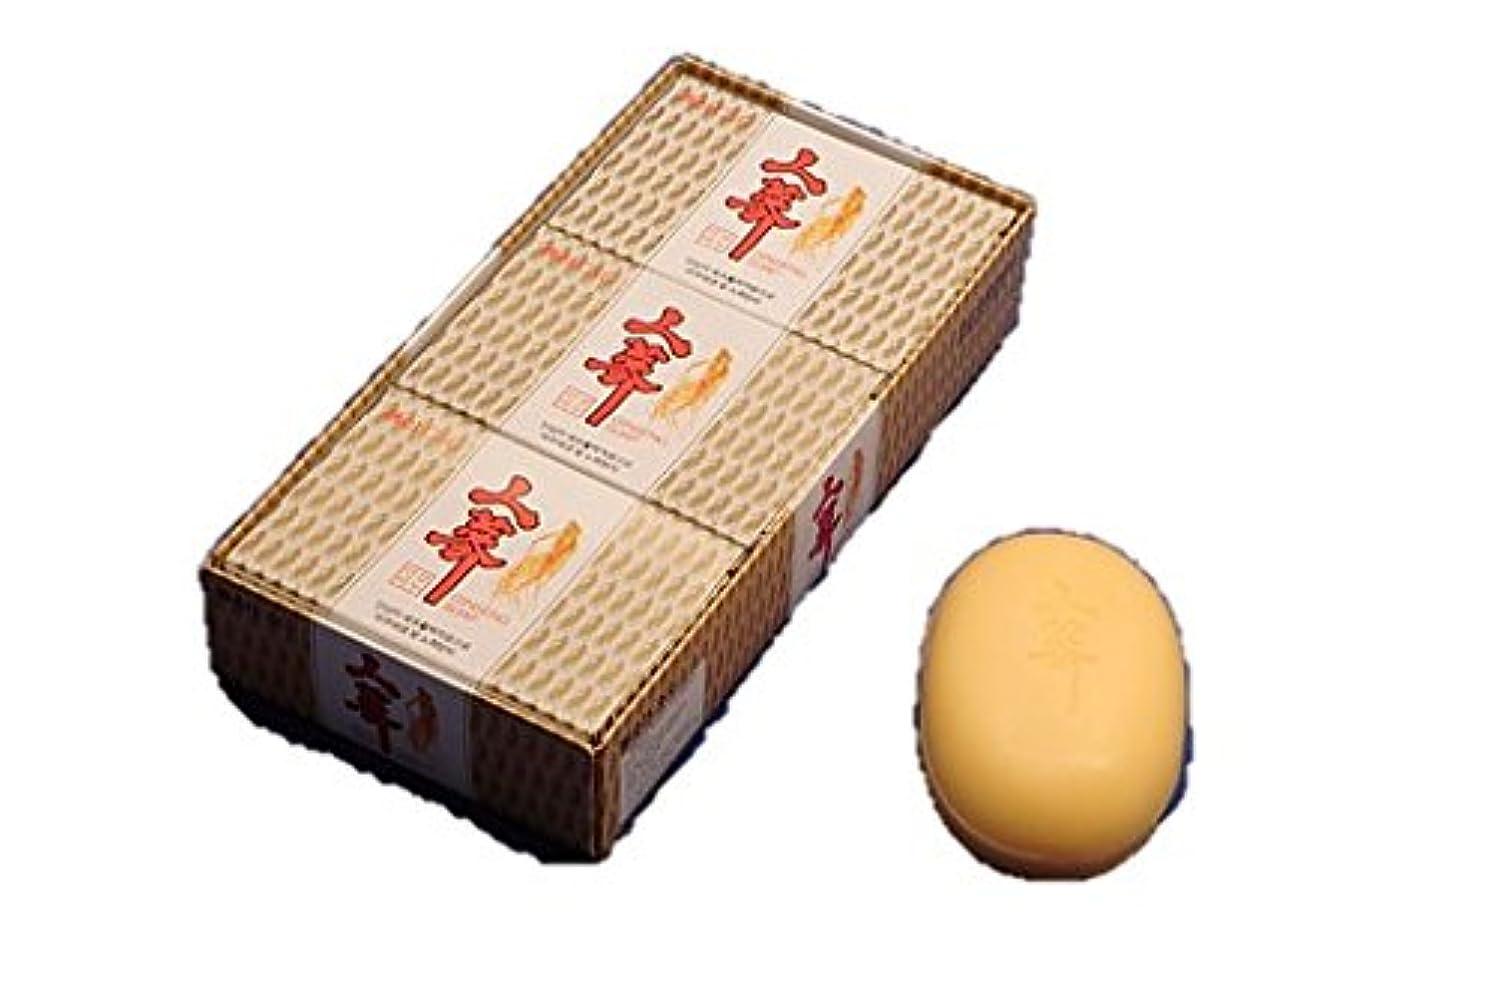 ジョットディボンドン快適適格(韓国ブランド) 韓国高麗人参石鹸(5個セット)